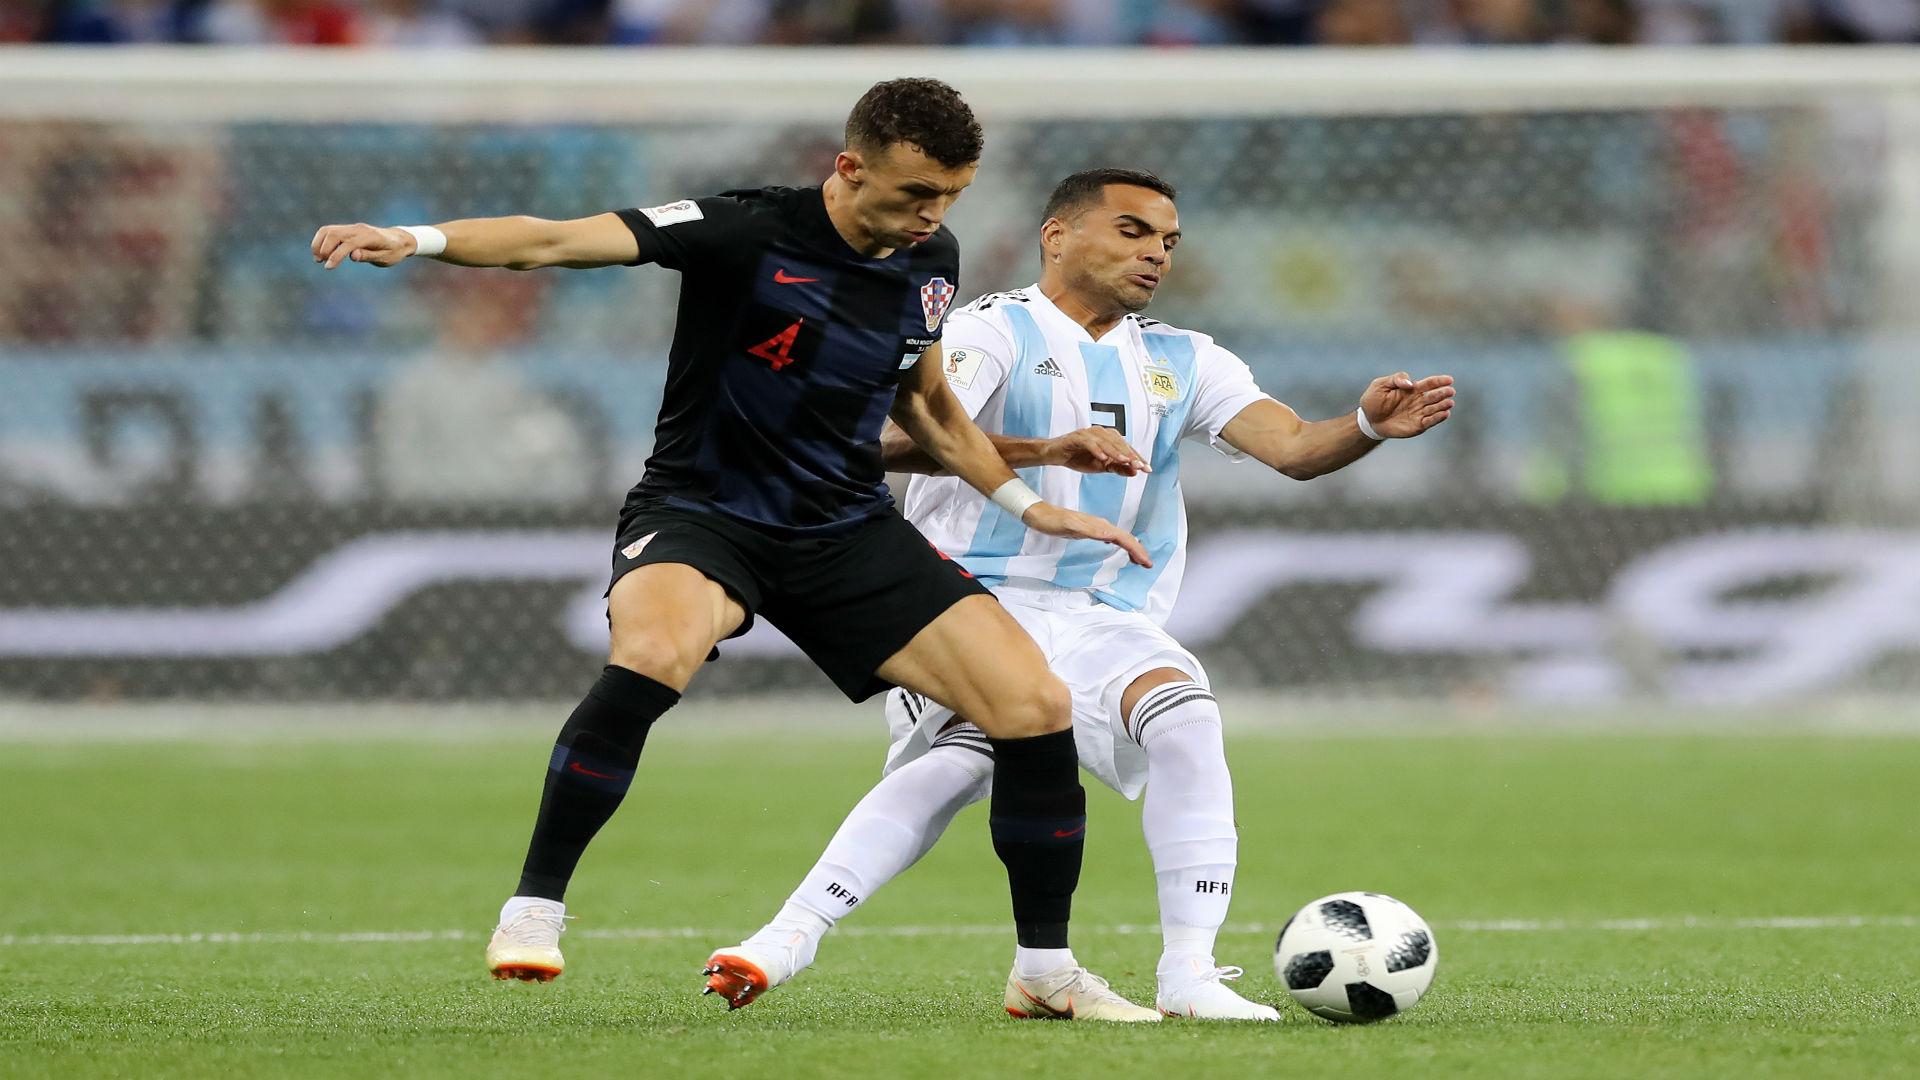 croatia argentina - ivan perisic gabriel mercado - world cup - 21062018